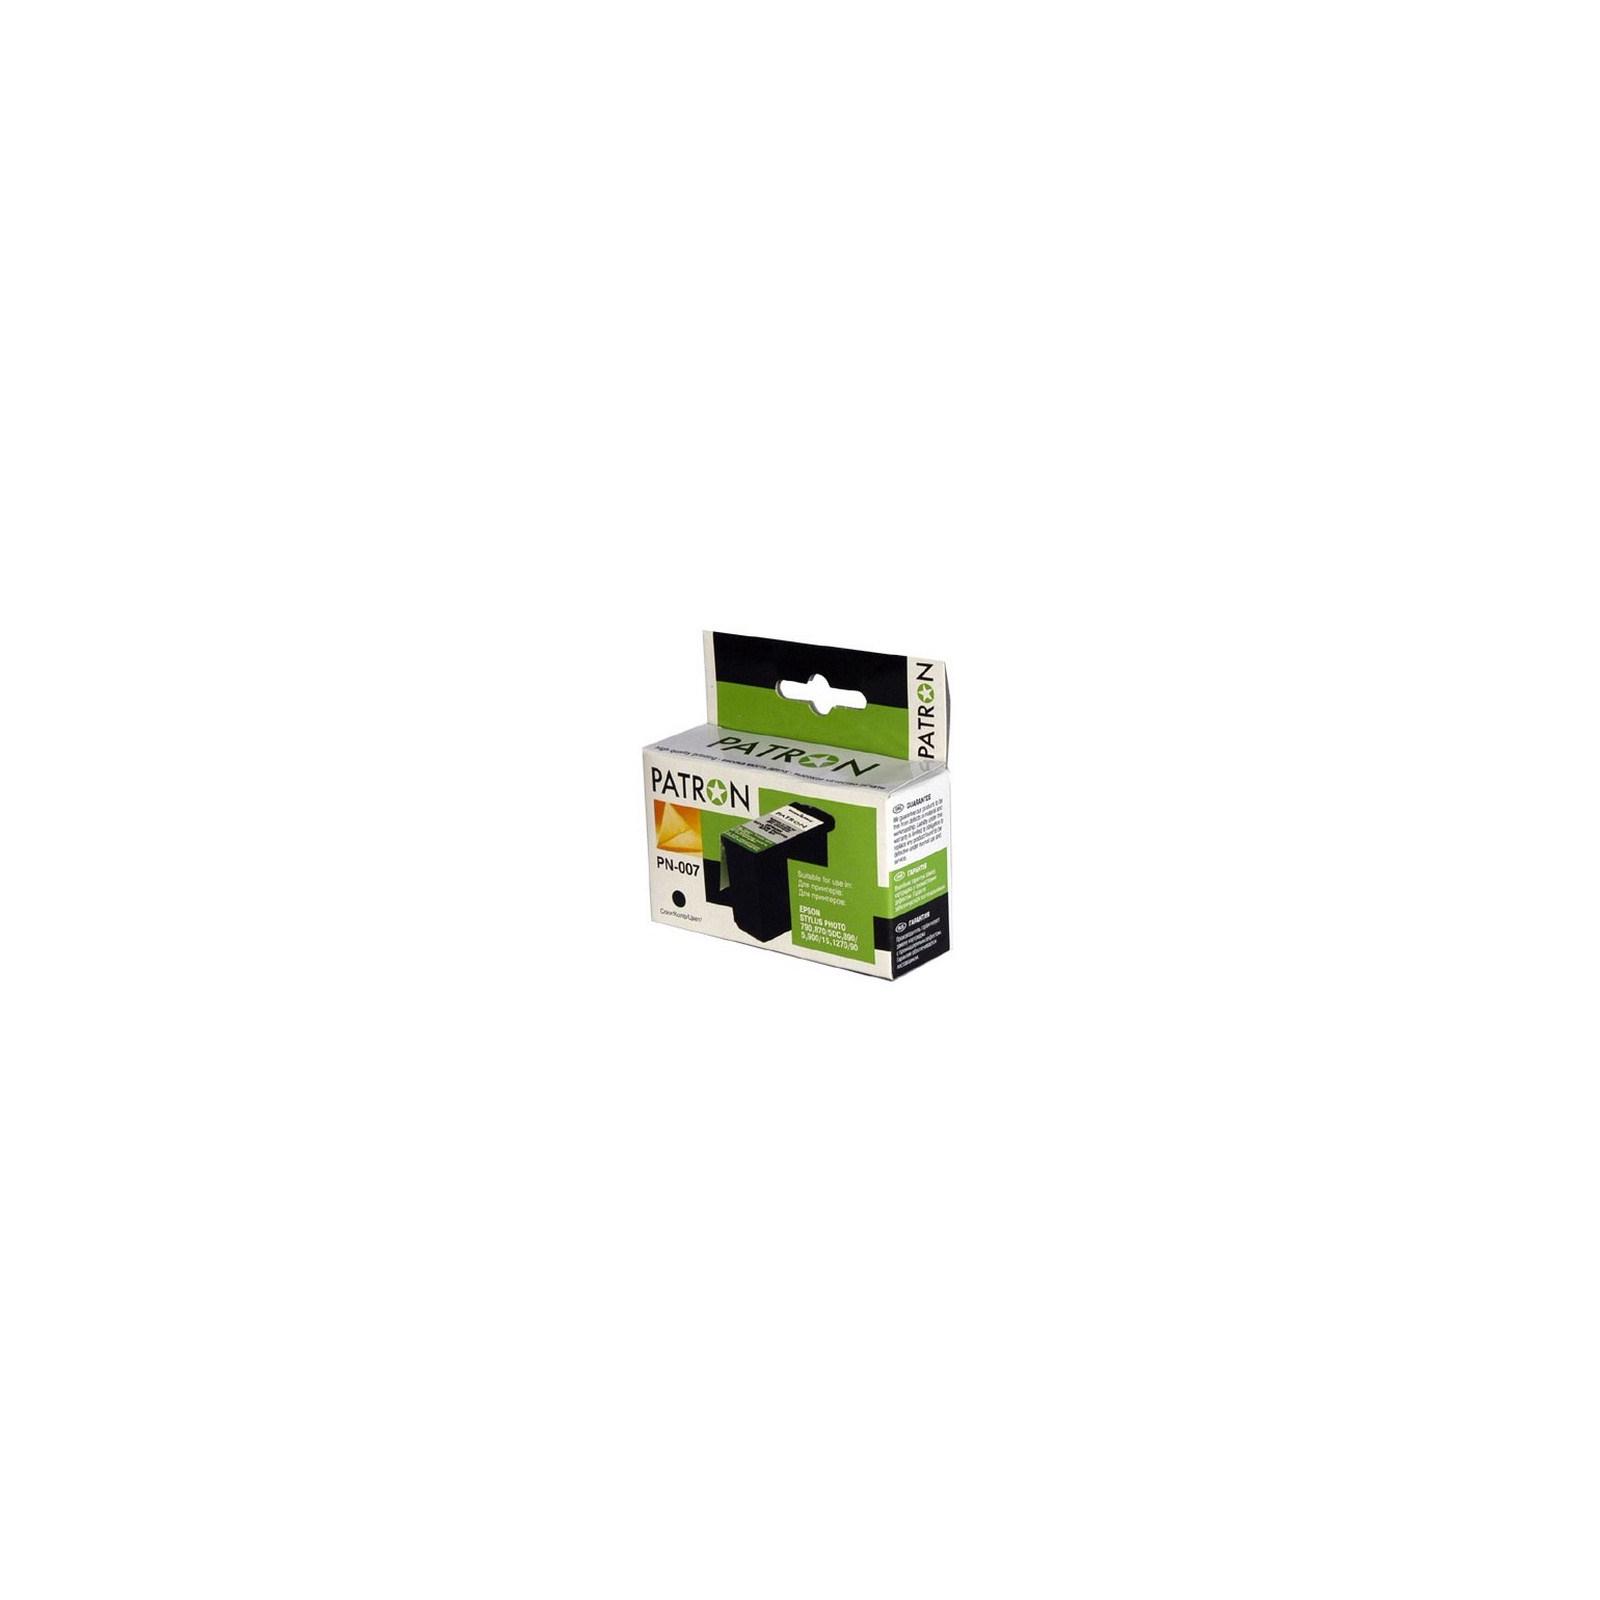 Картридж PATRON для EPSON StPhoto 870/ 1270 BLACK (CI-EPS-T007401-B-PN)